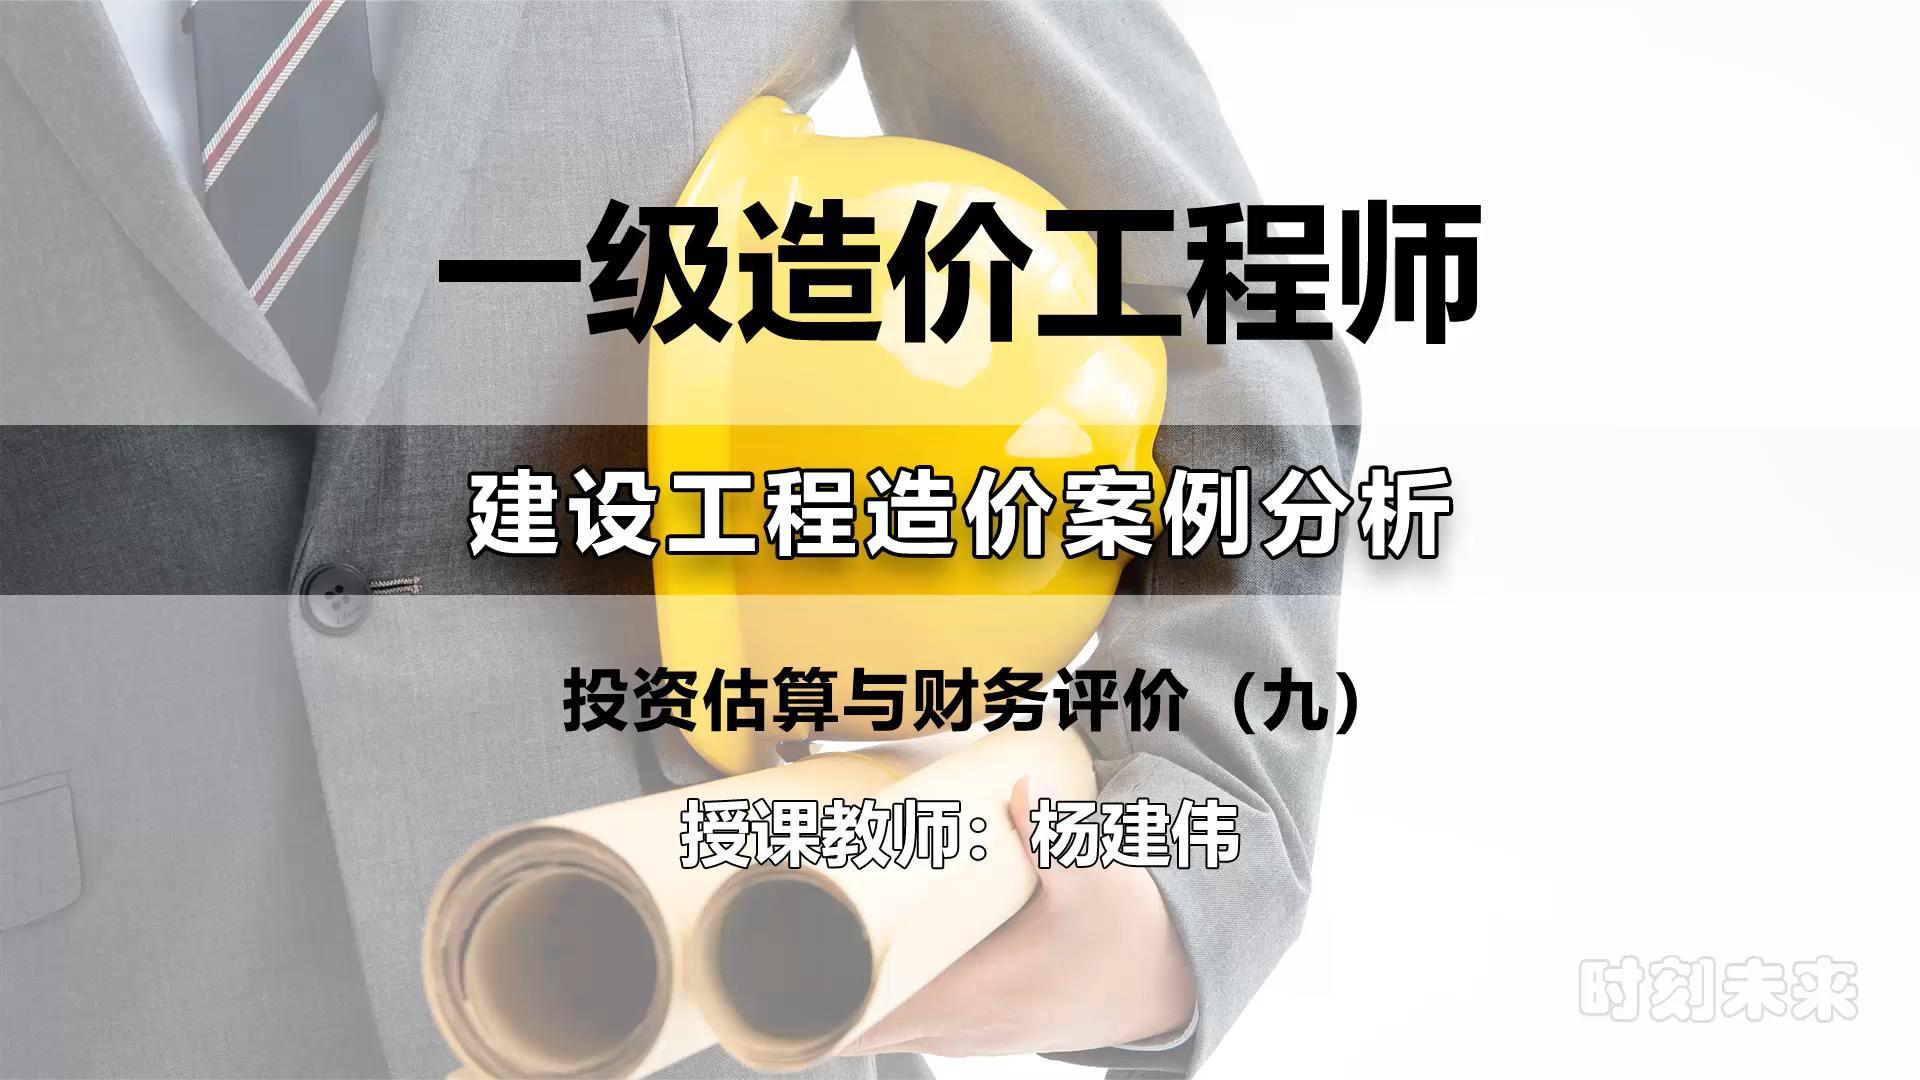 杨建伟-一级造价工程师-建设工程造价案例分析(土木建筑工程)